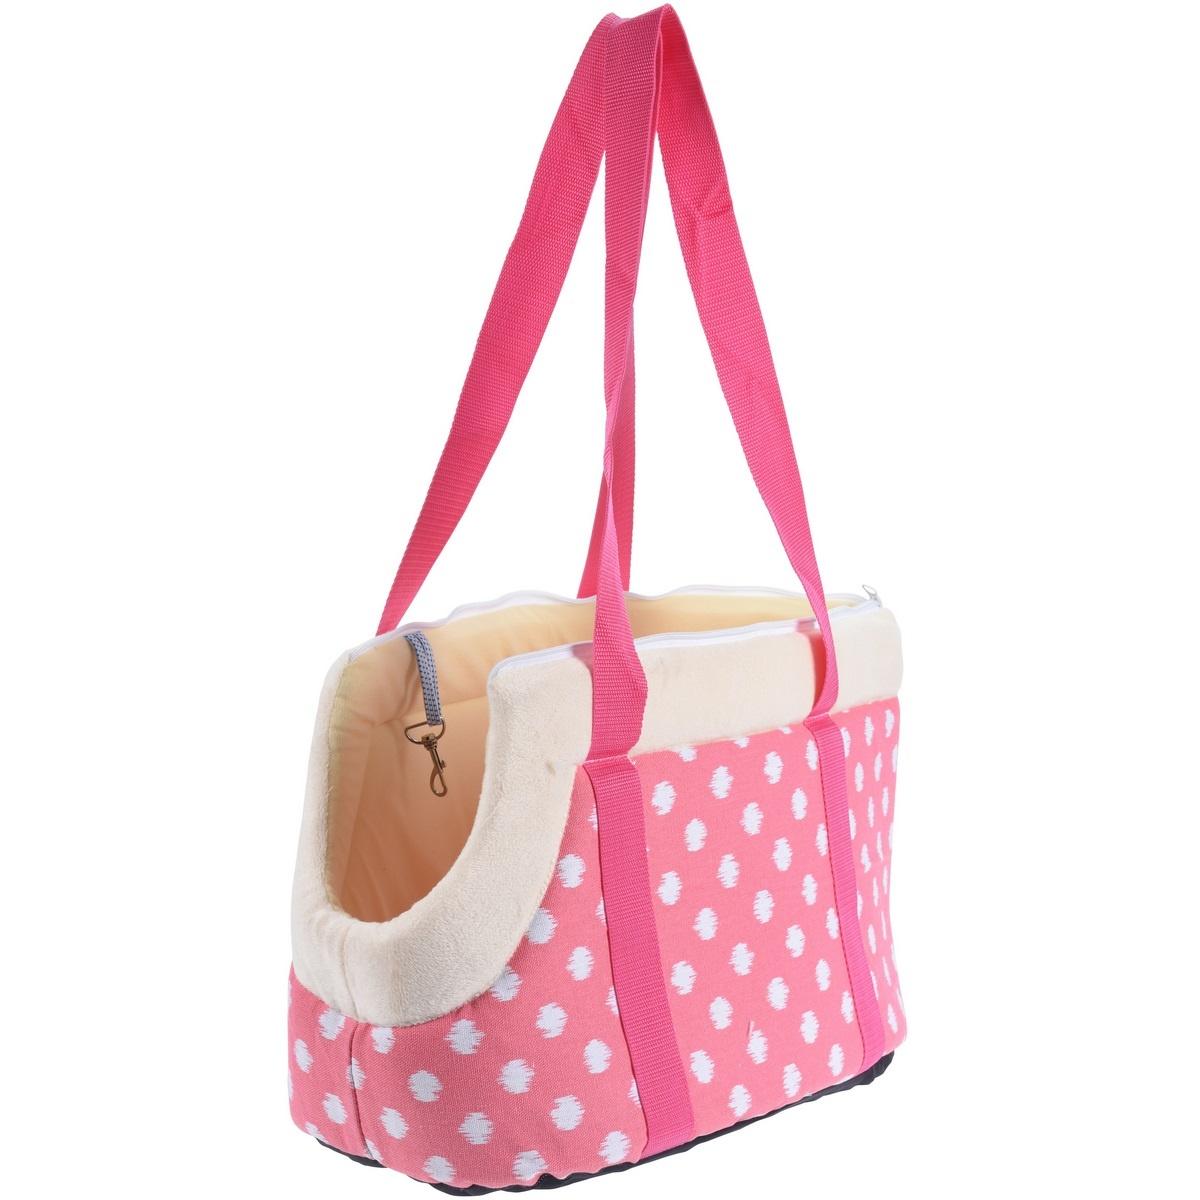 Přepravní taška pro domácí mazlíčky Animal space, růžová